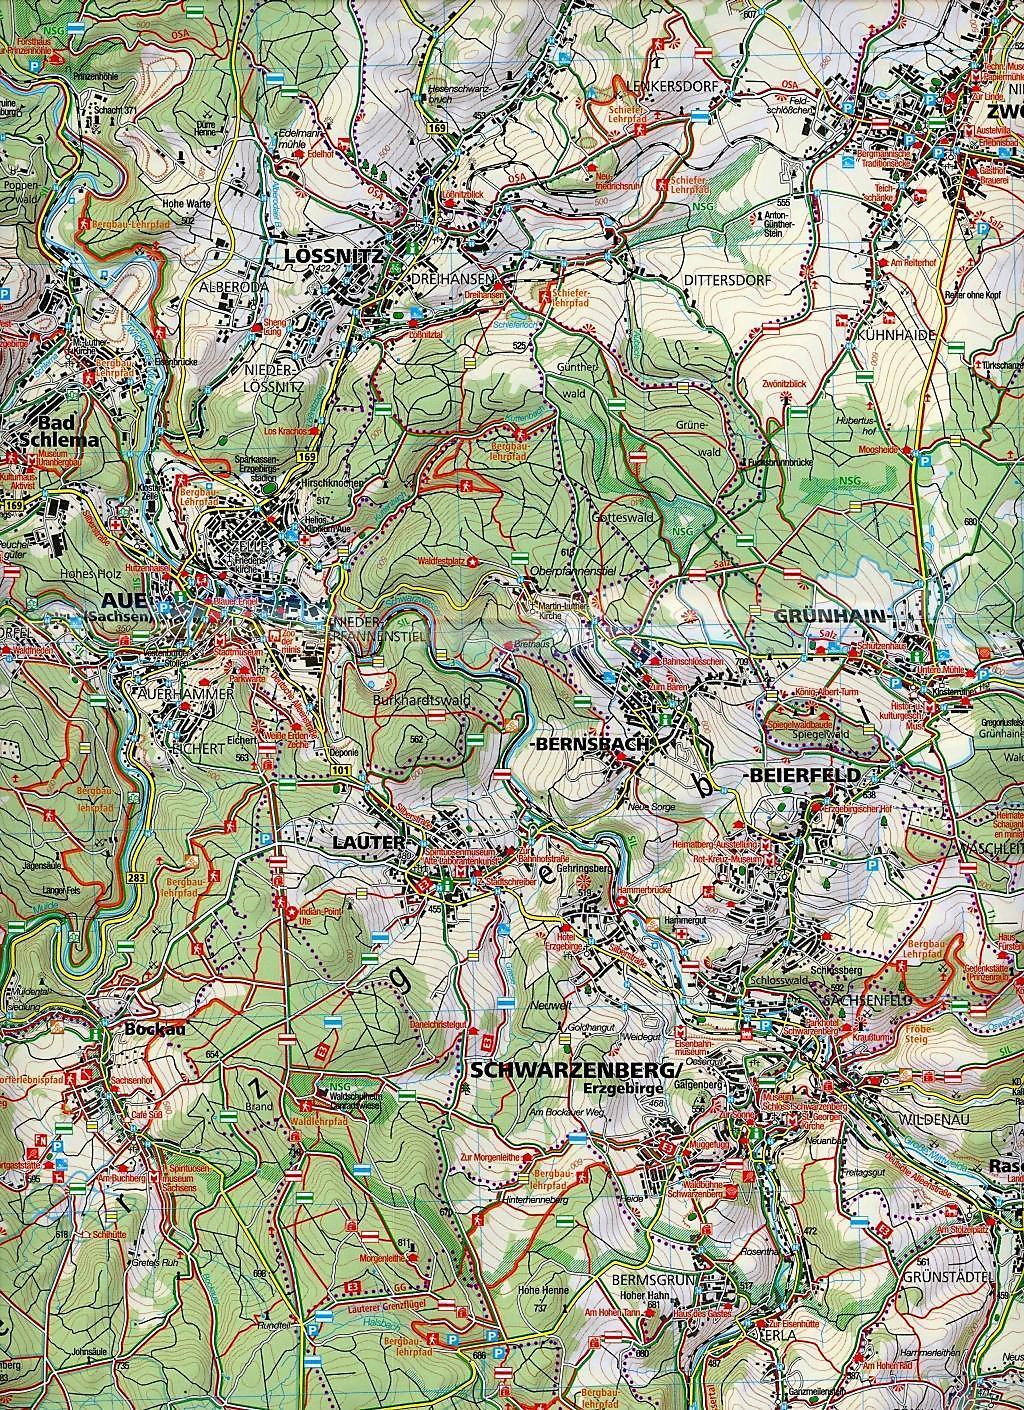 Bergbau Erzgebirge Karte.Kompass Karte Westliches Erzgebirge Buch Bestellen Weltbild De